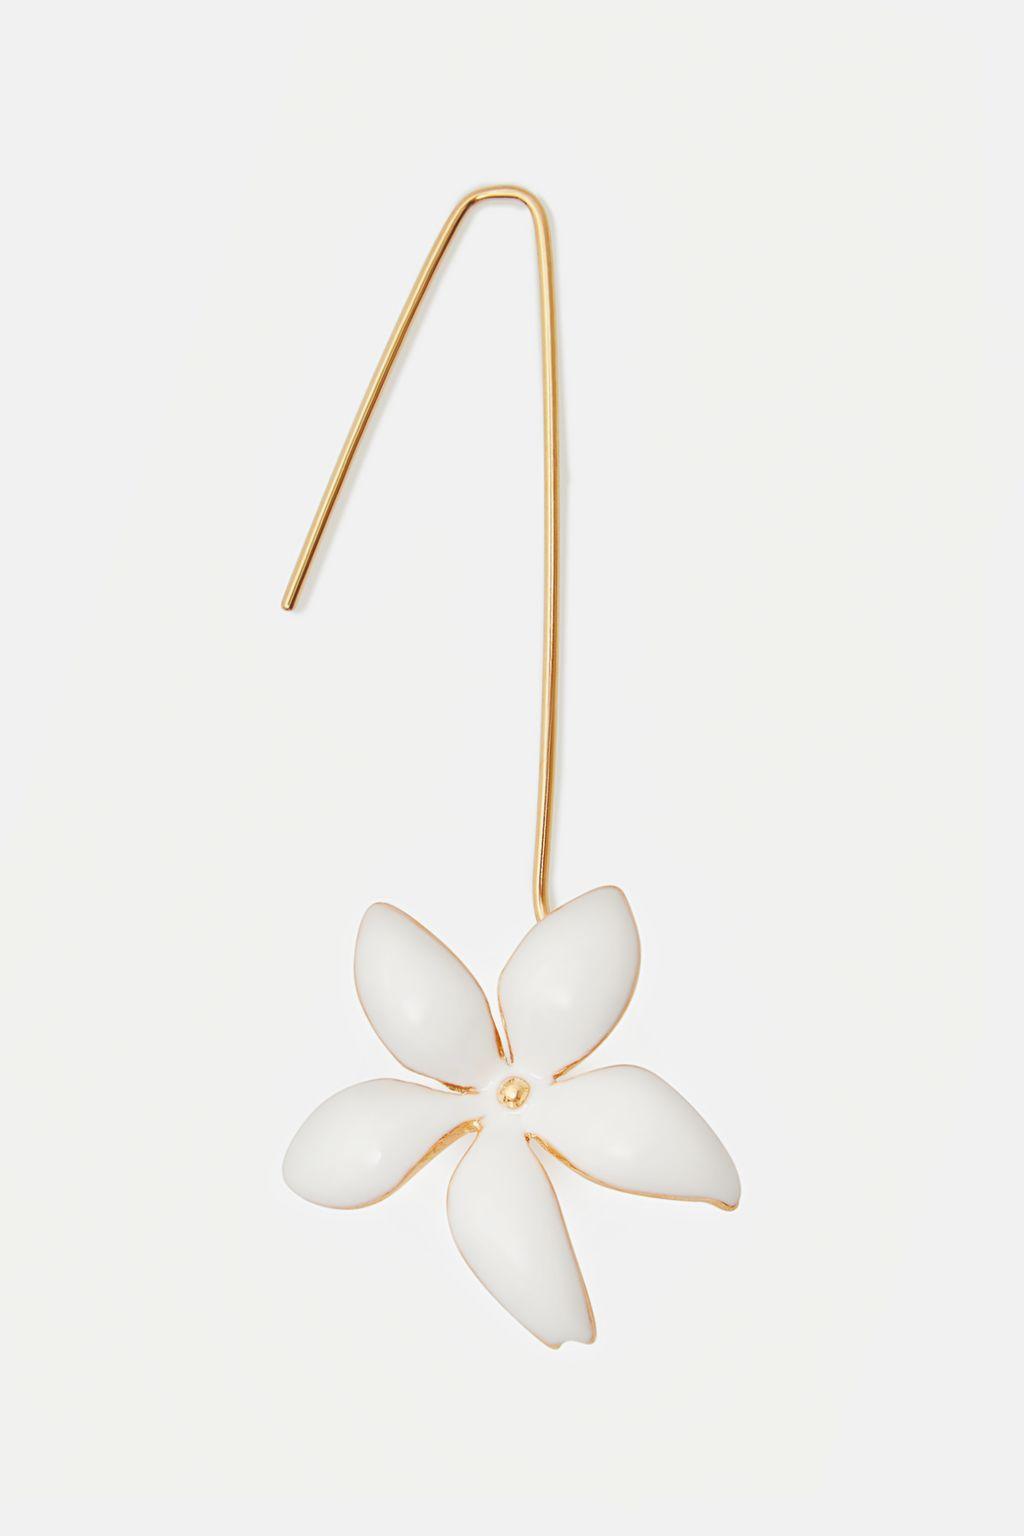 Falling Jasmine single drop earring